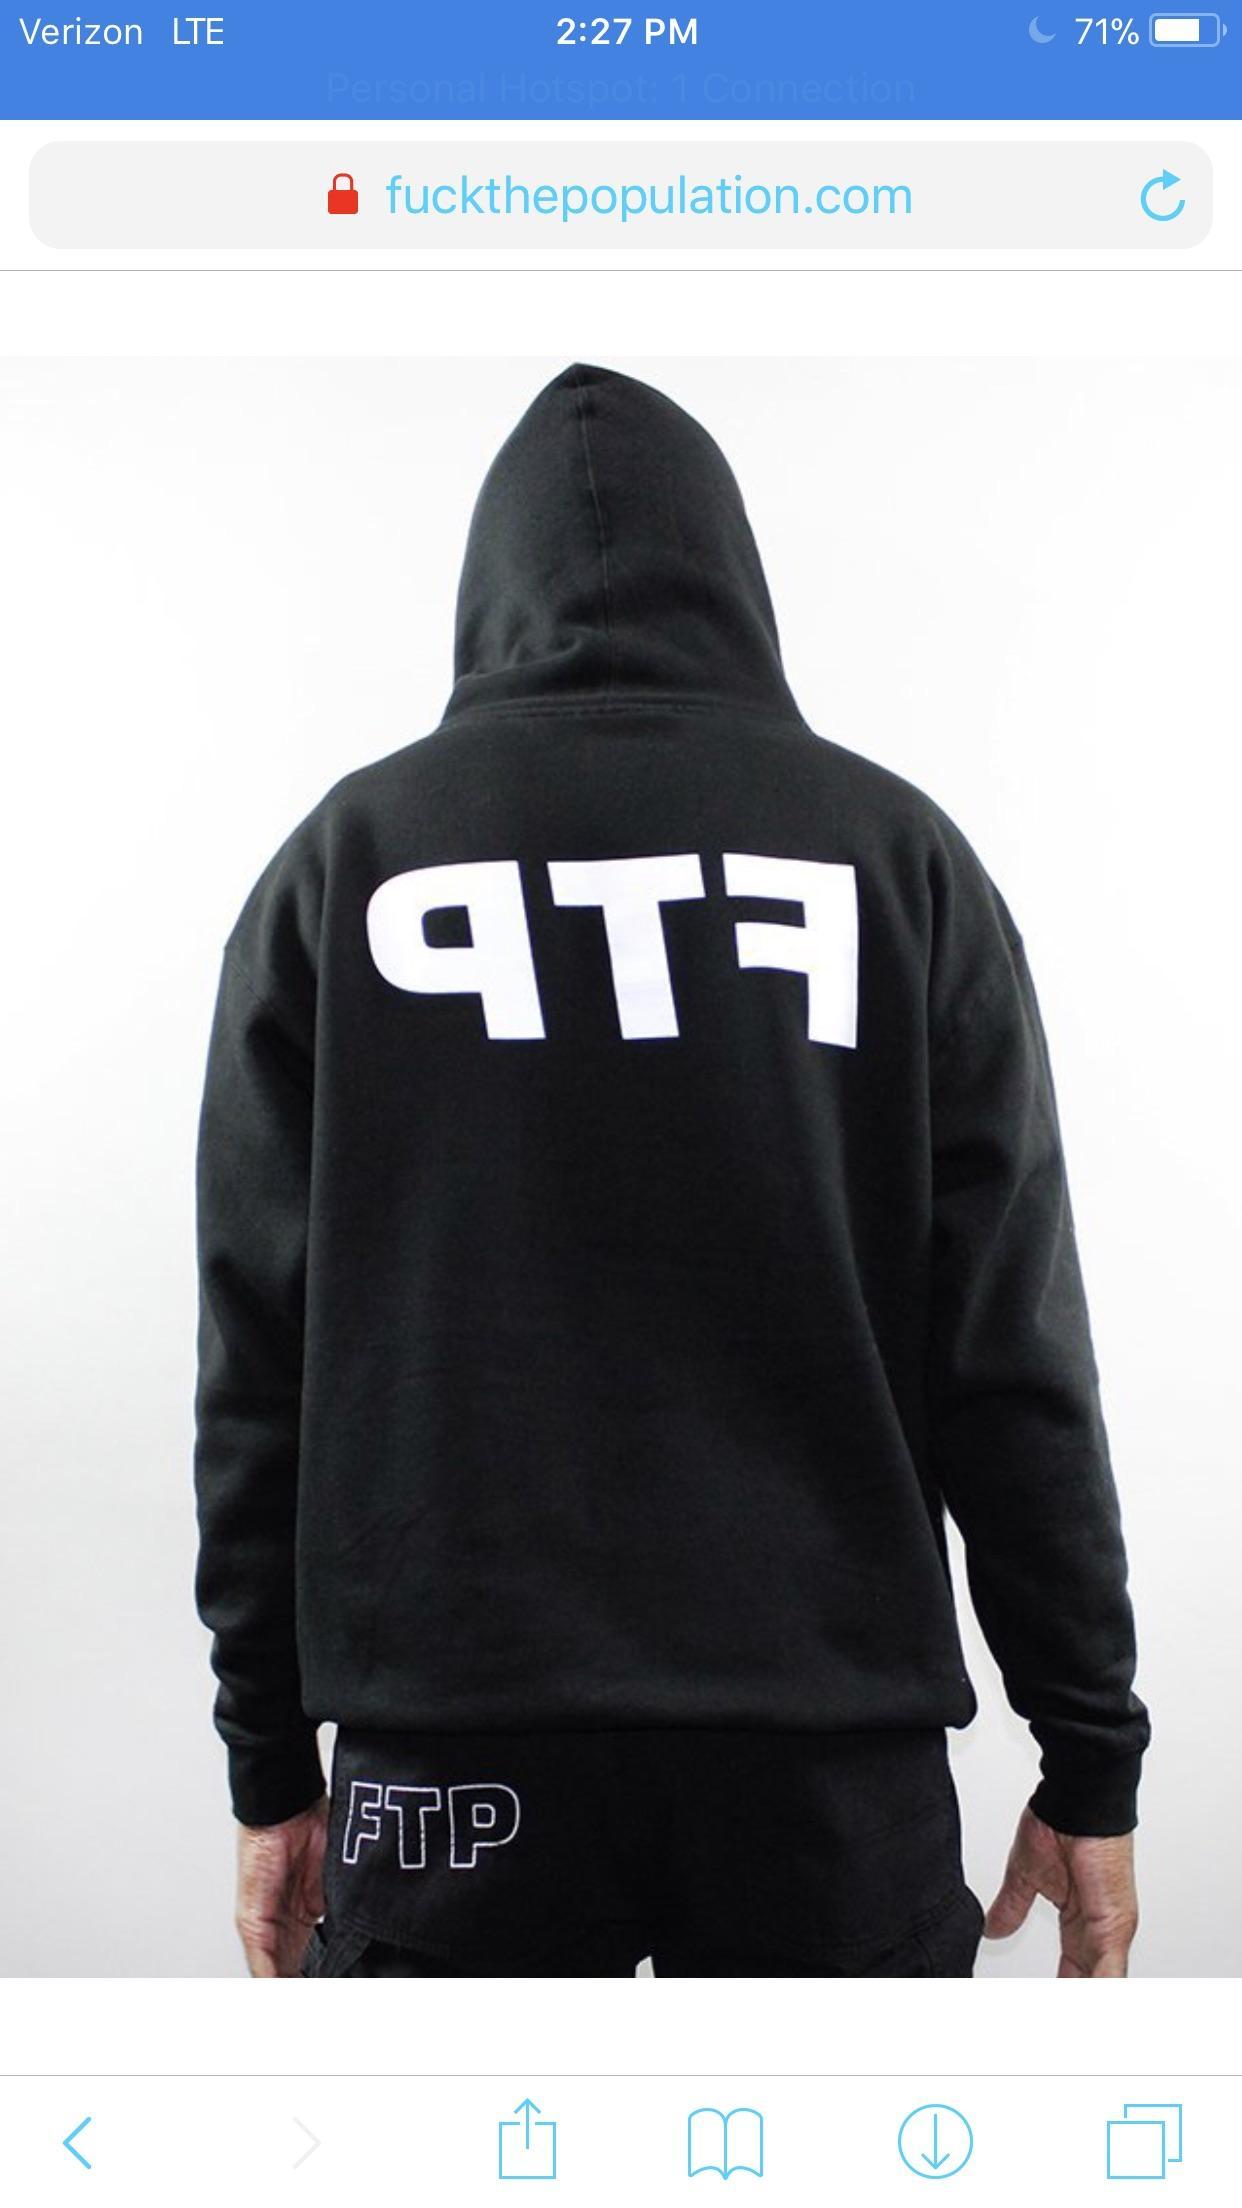 Backwards R Logo : backwards, Backwards, Hoodie, Fuckthepopulation